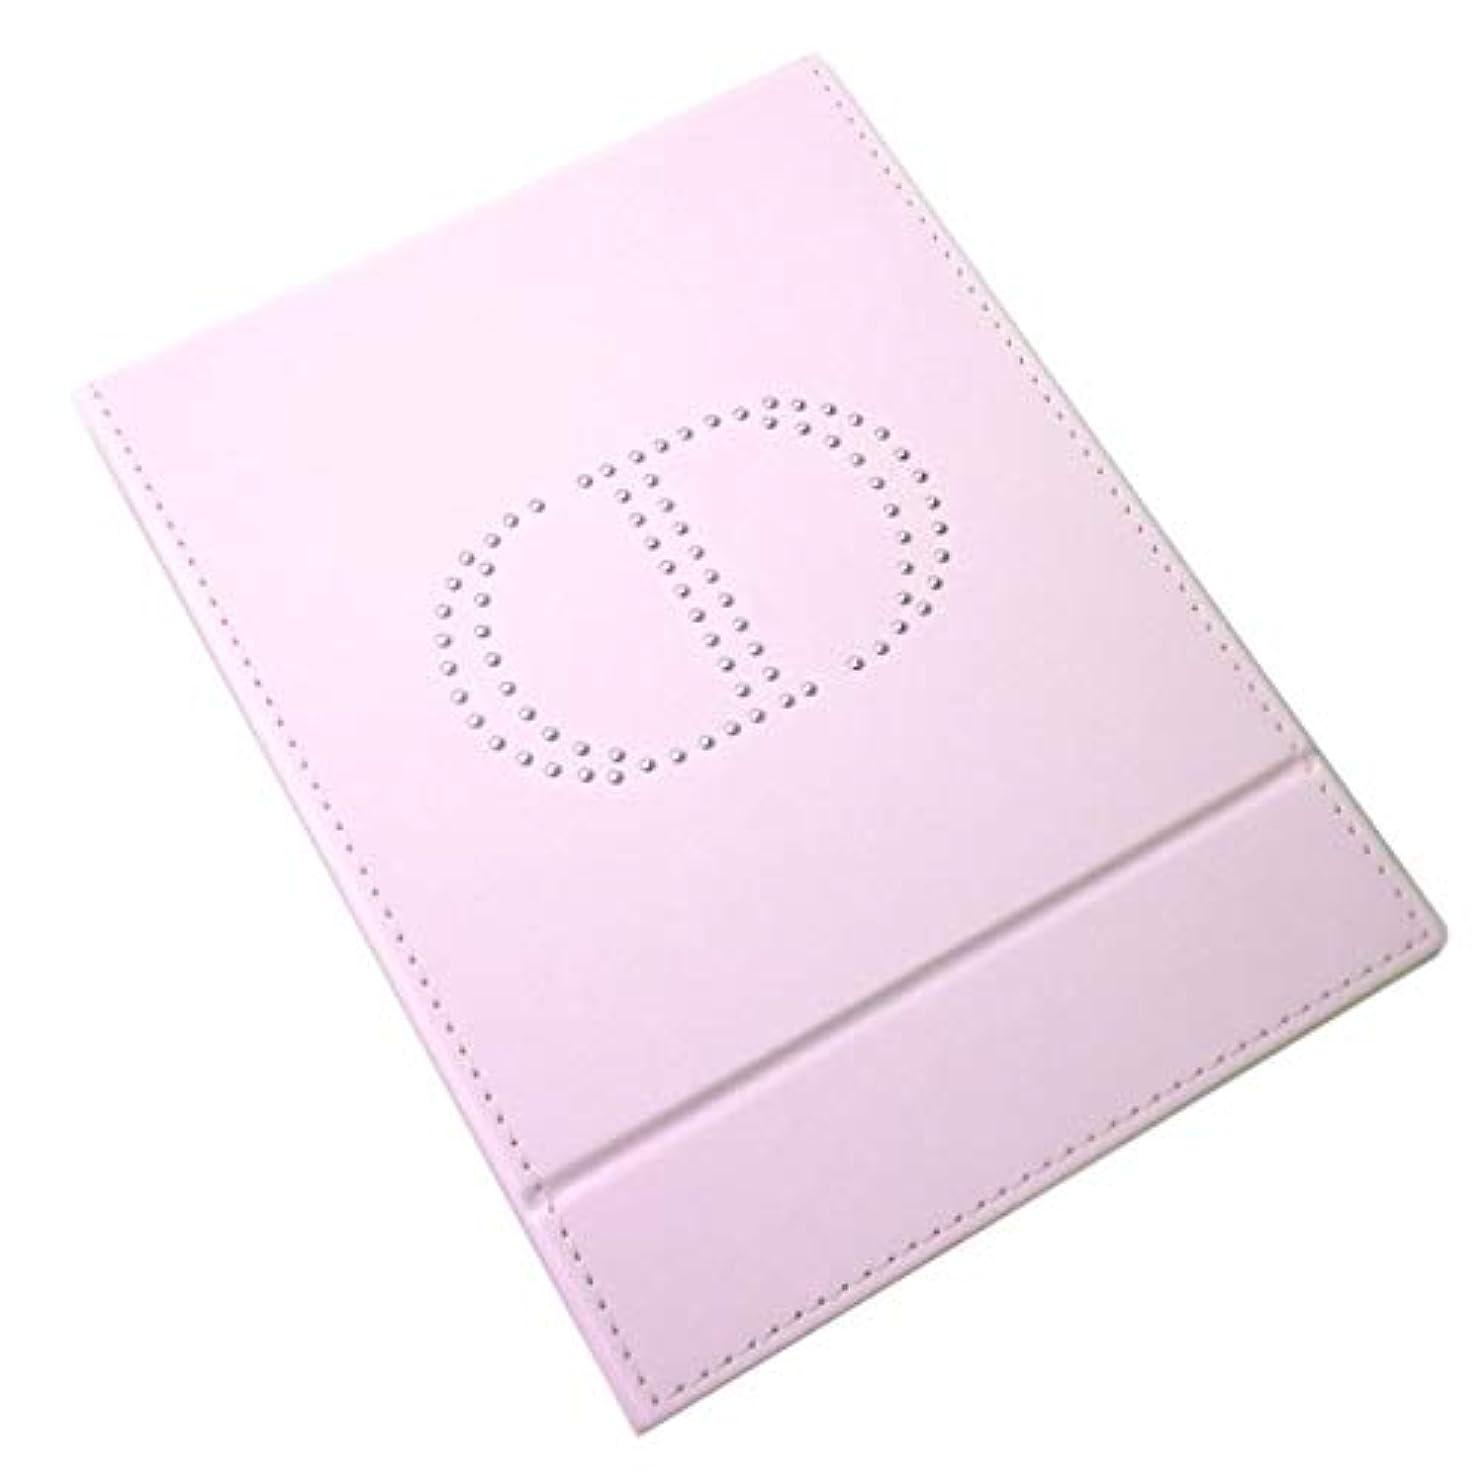 グレートオーク慣れる洪水Dior ディオール スタンドミラー ミラー 鏡 ロゴ イブサンローラン 桃 ピンク黒 ブラック 化粧 メイク コスメ (ピンク)